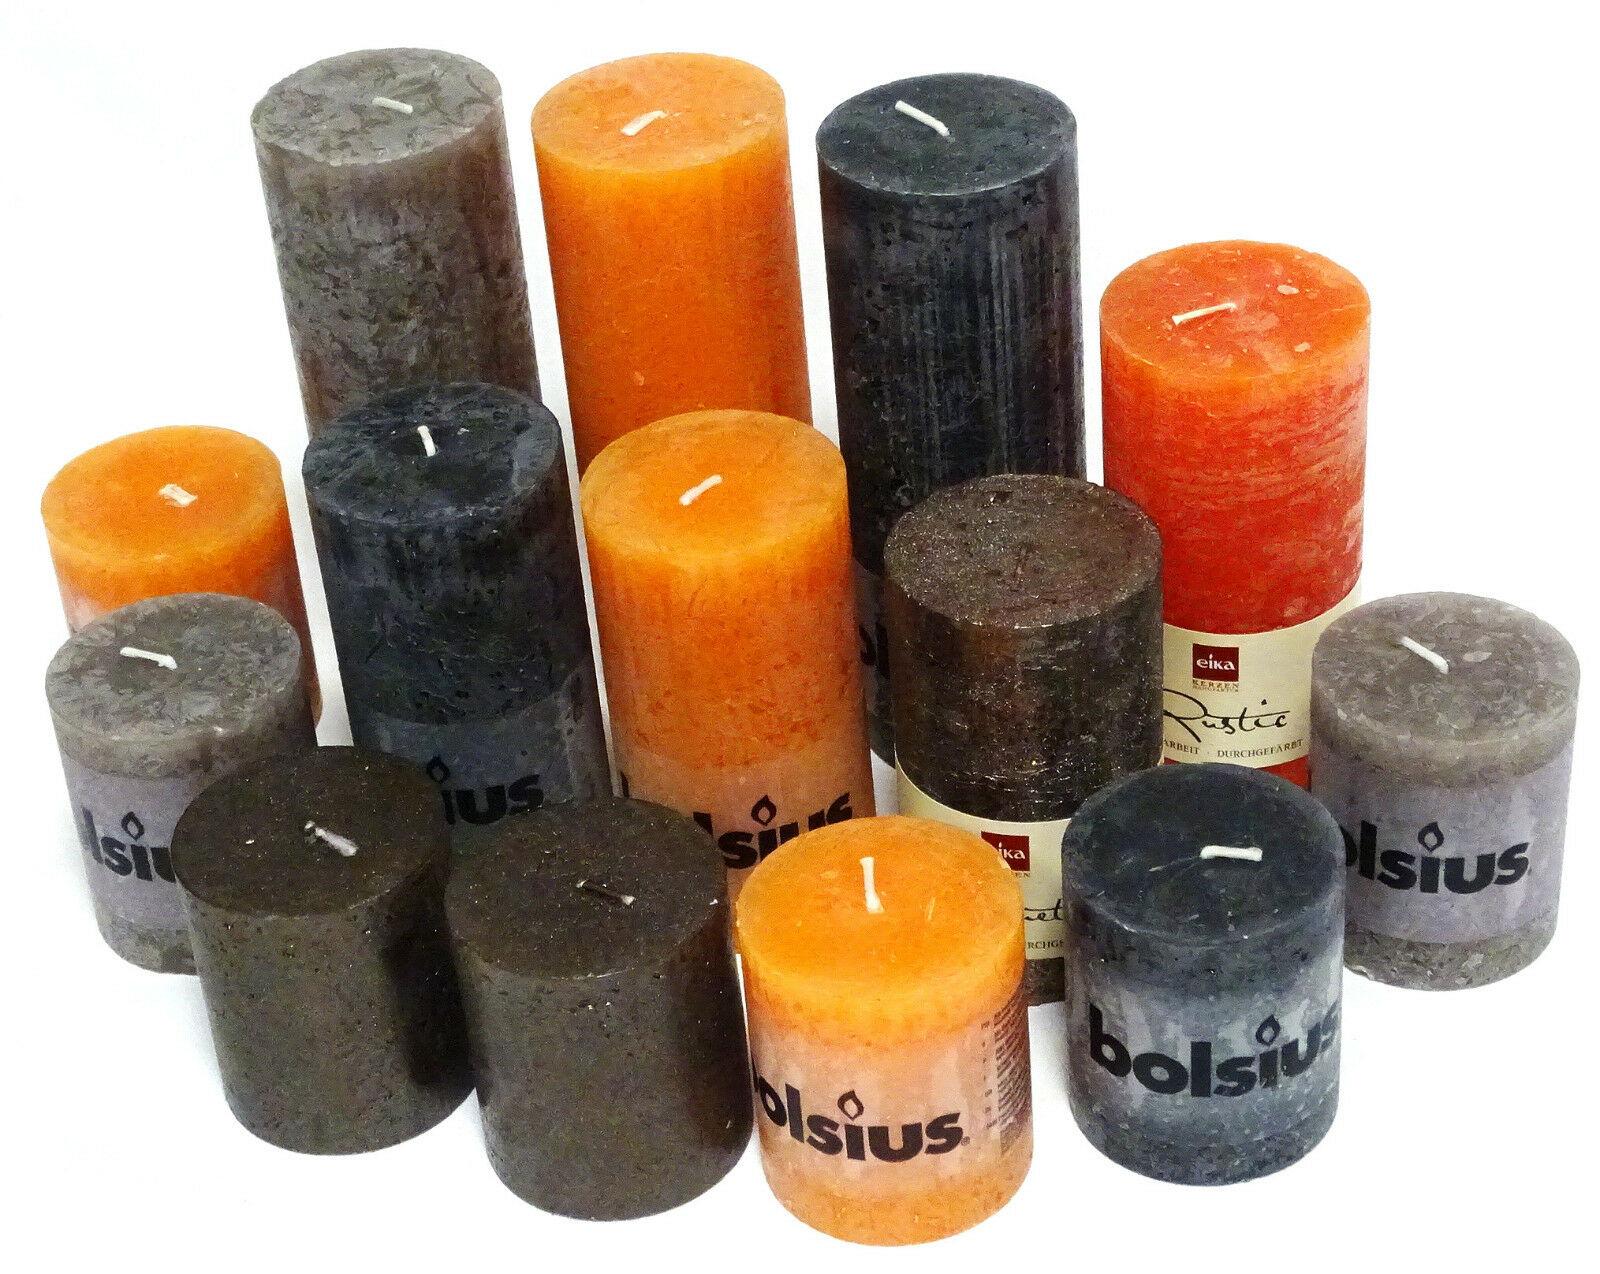 5 kg Rustic Stumpenkerzen Set Paket Kerzen Rustik gemischt nach Farben Tischdeko - Orange-Grau-Braun 04